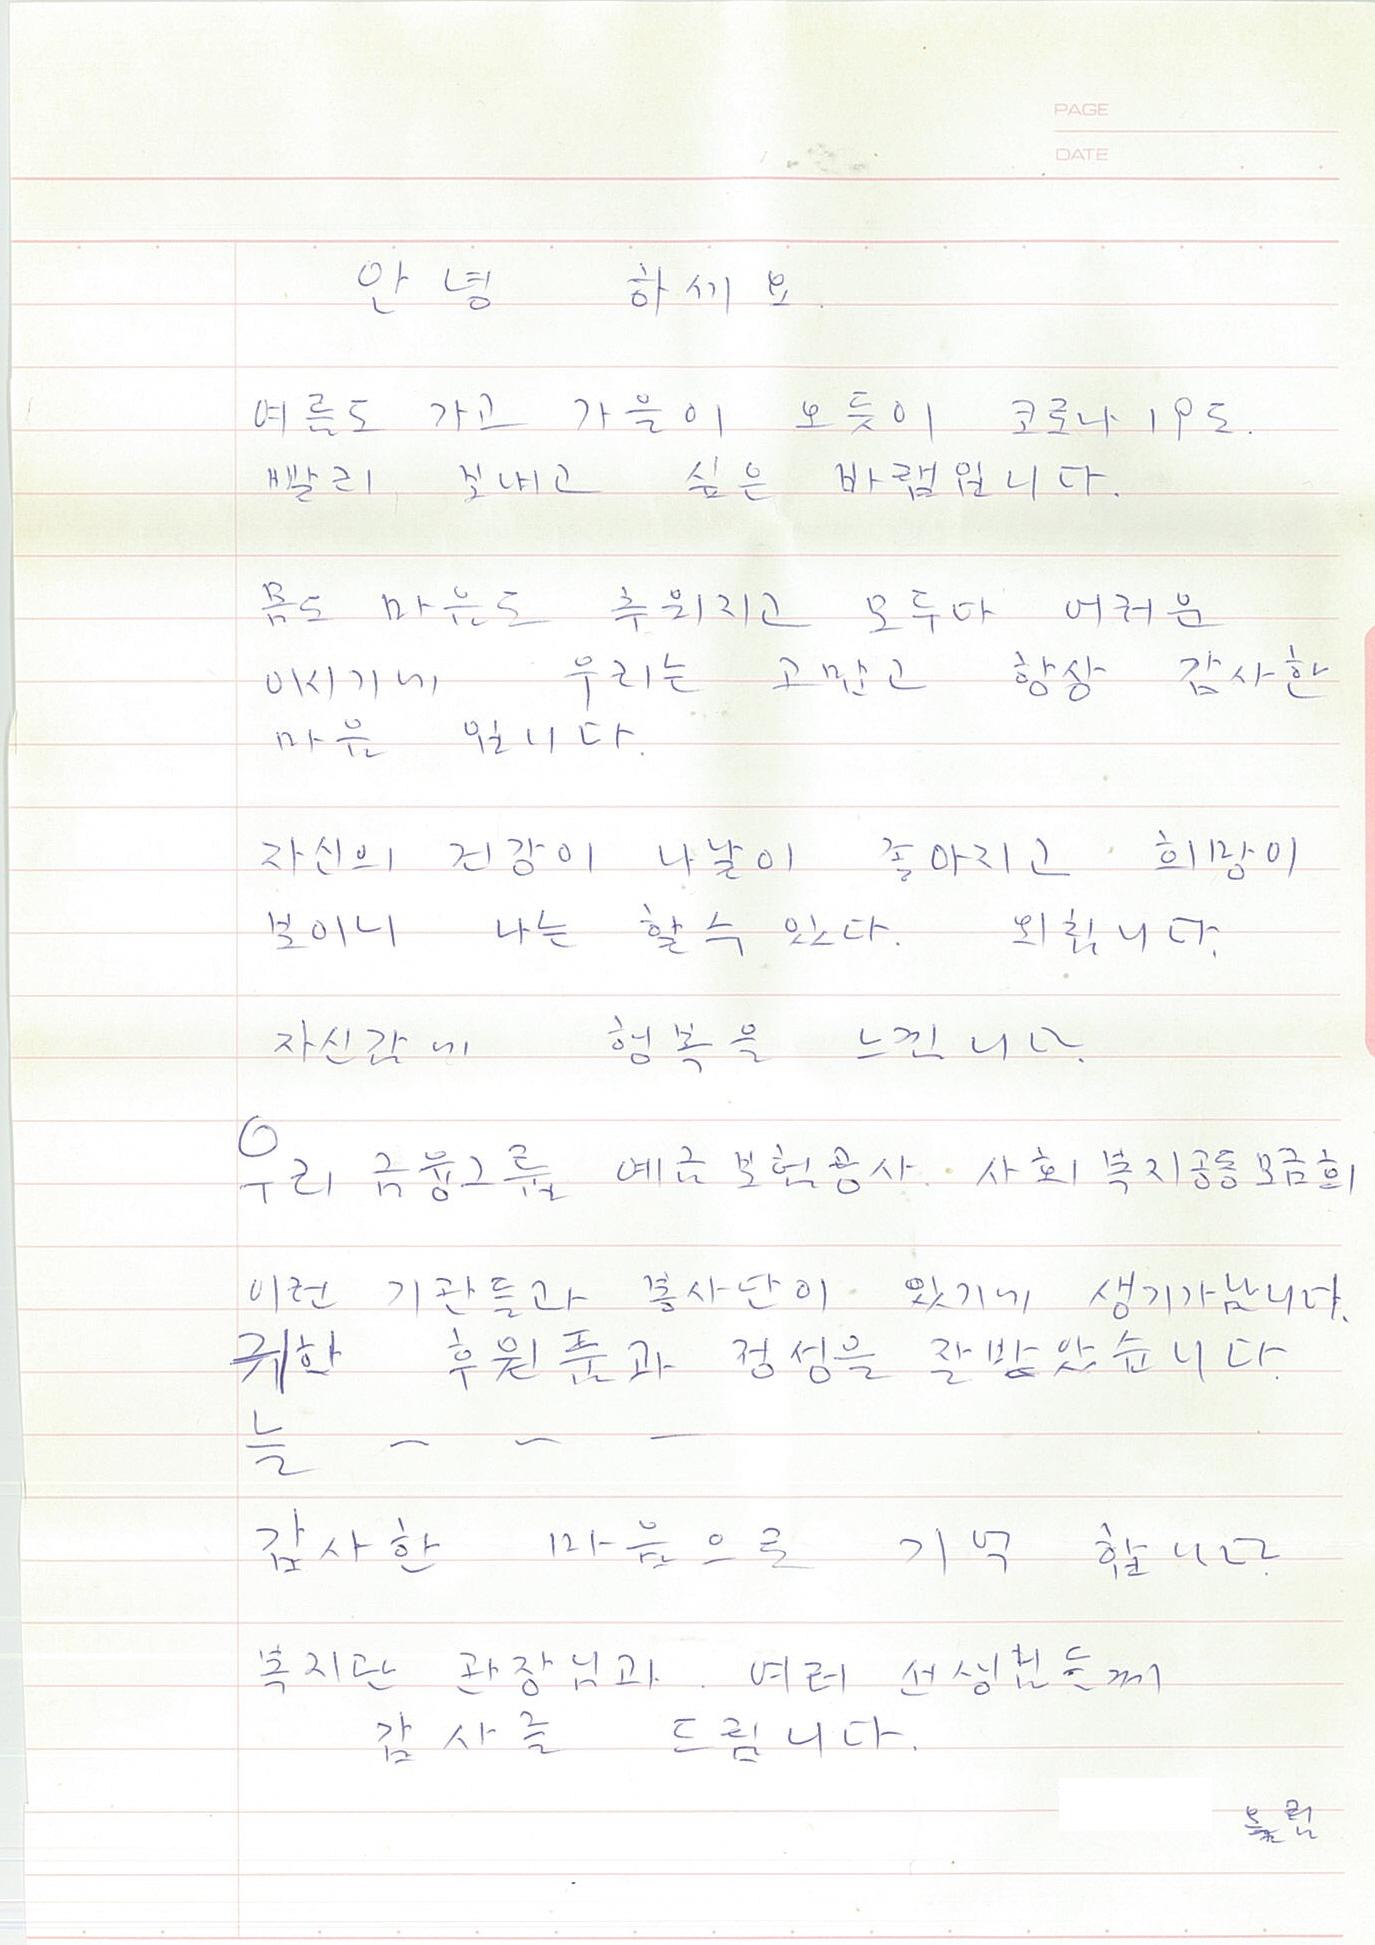 [위기및독거노인지원사업]우리금융그룹,예금보험공사와 함께하는 추석맞이 우리행복상자 지원사업 어르신 감사편지